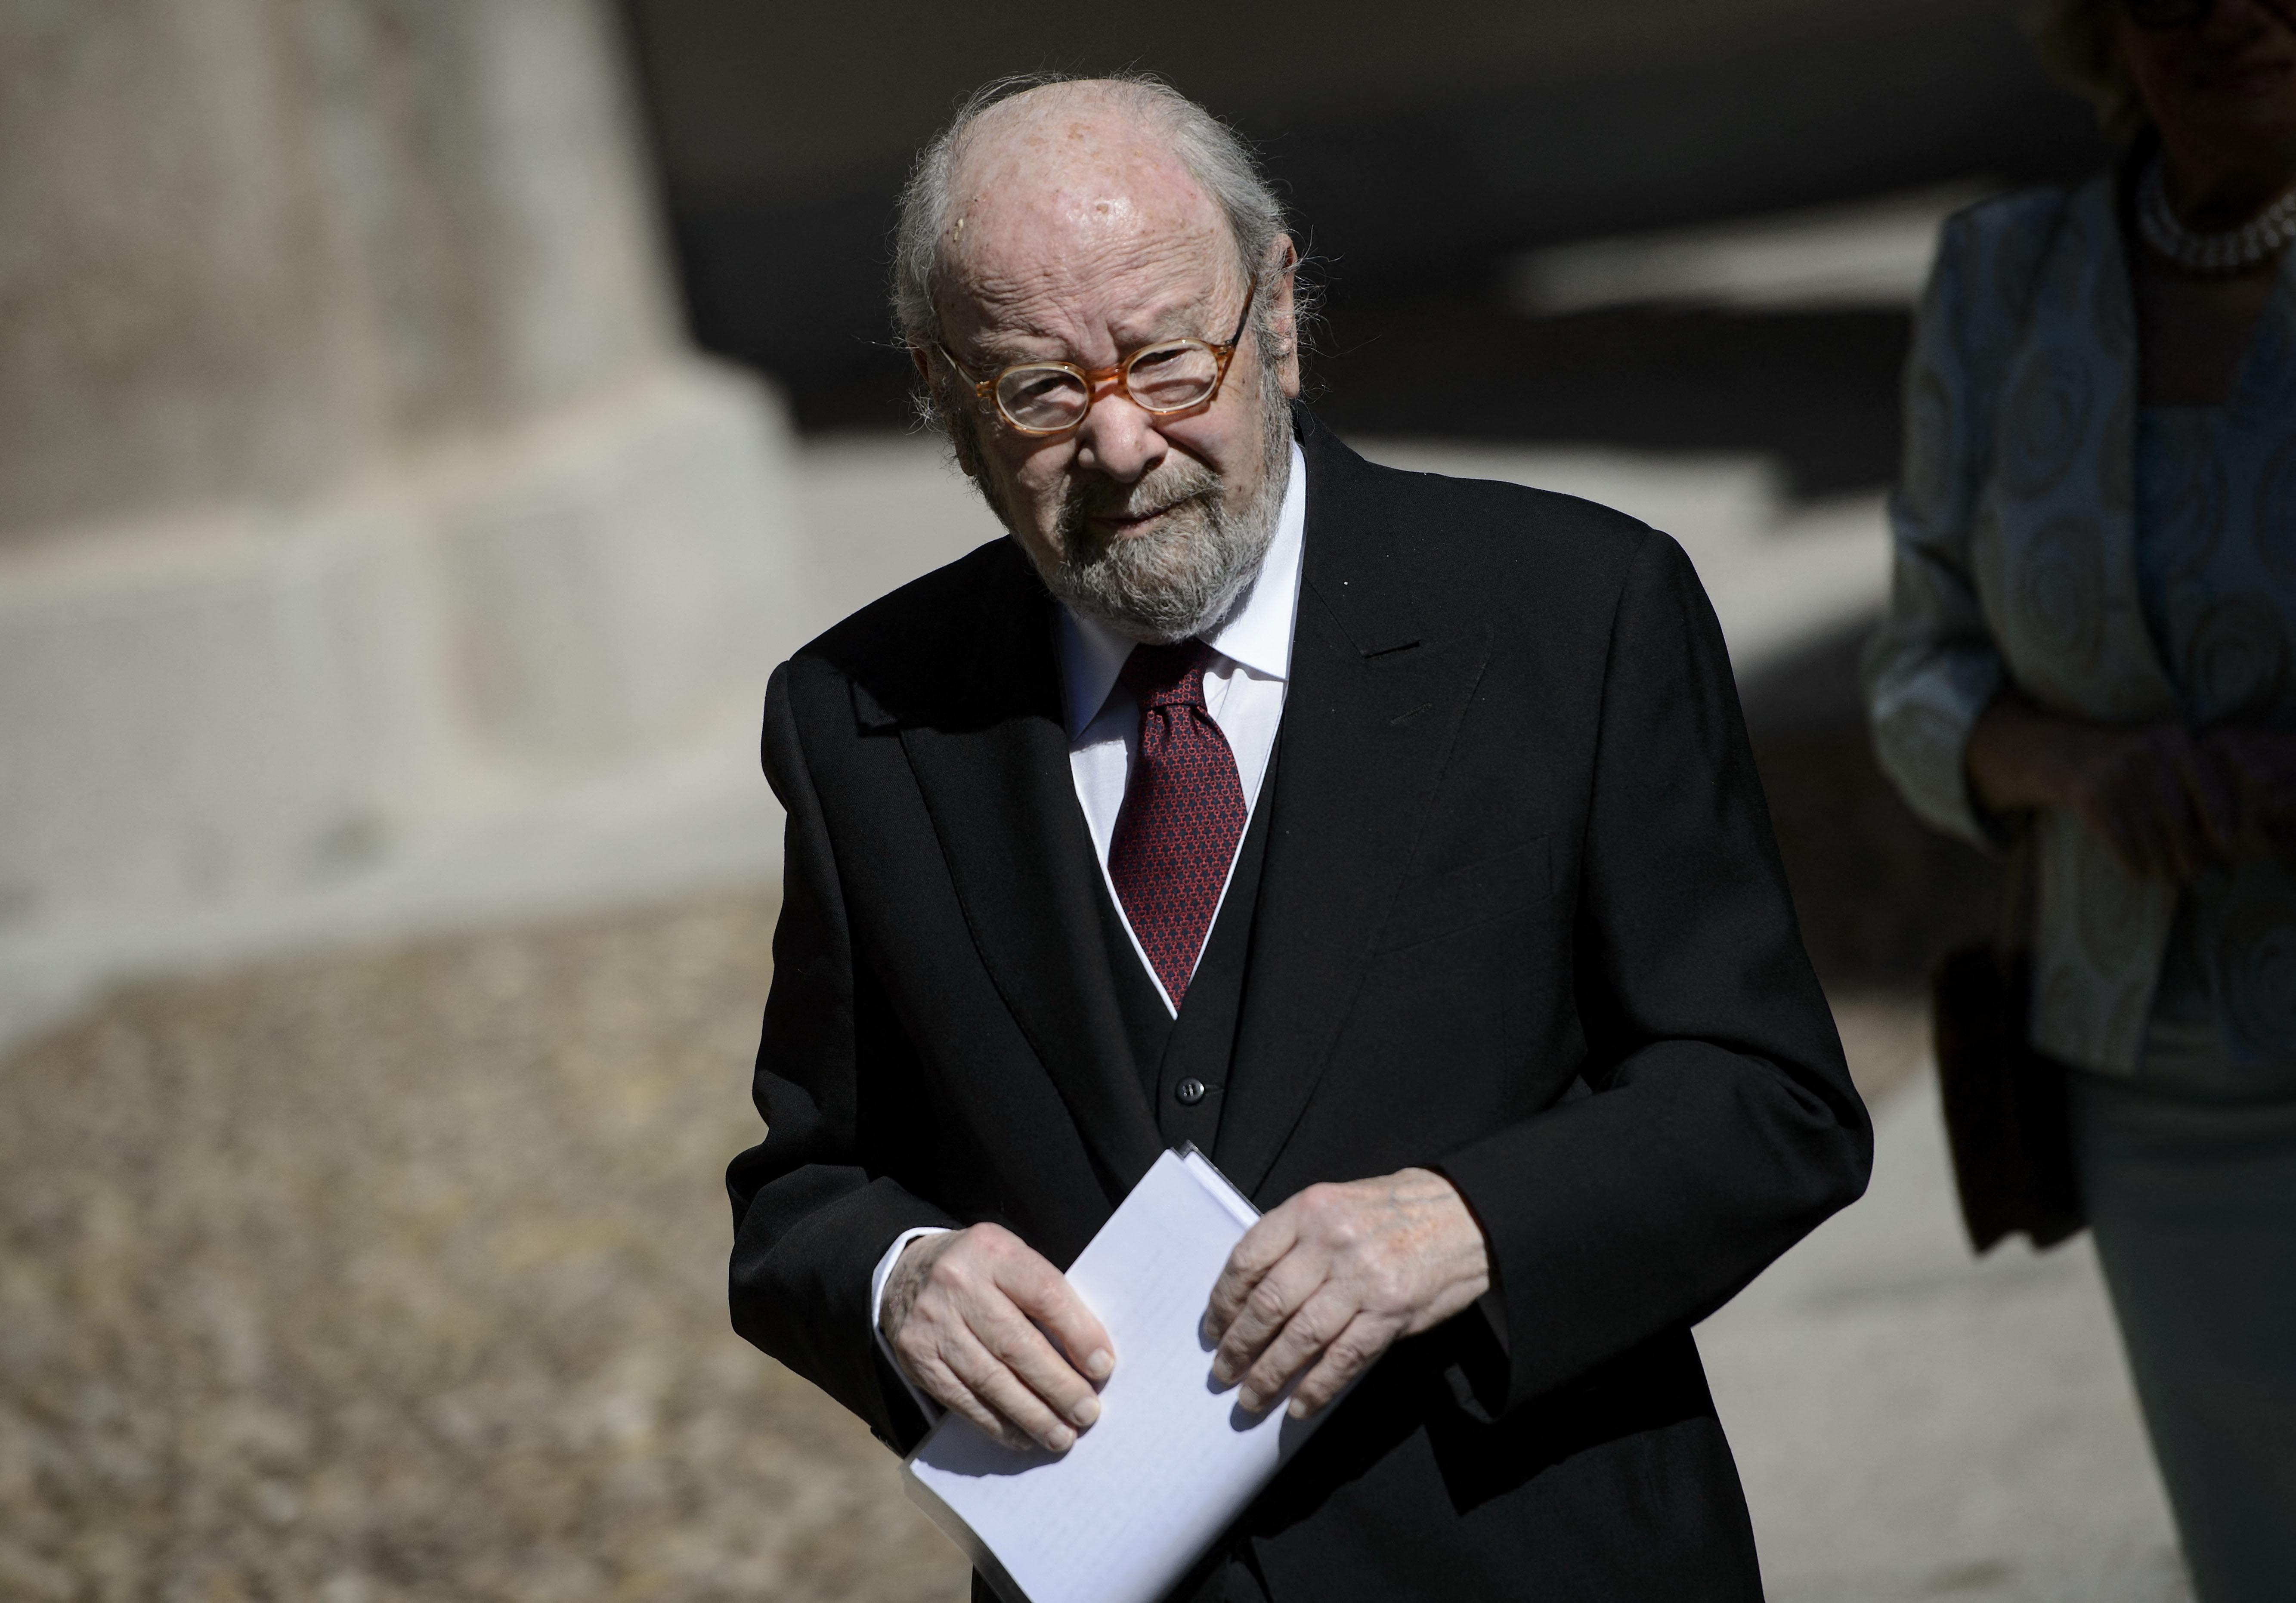 El poeta Caballero Bonald, el día de la entrega del Premio Cervantes, en 2012.